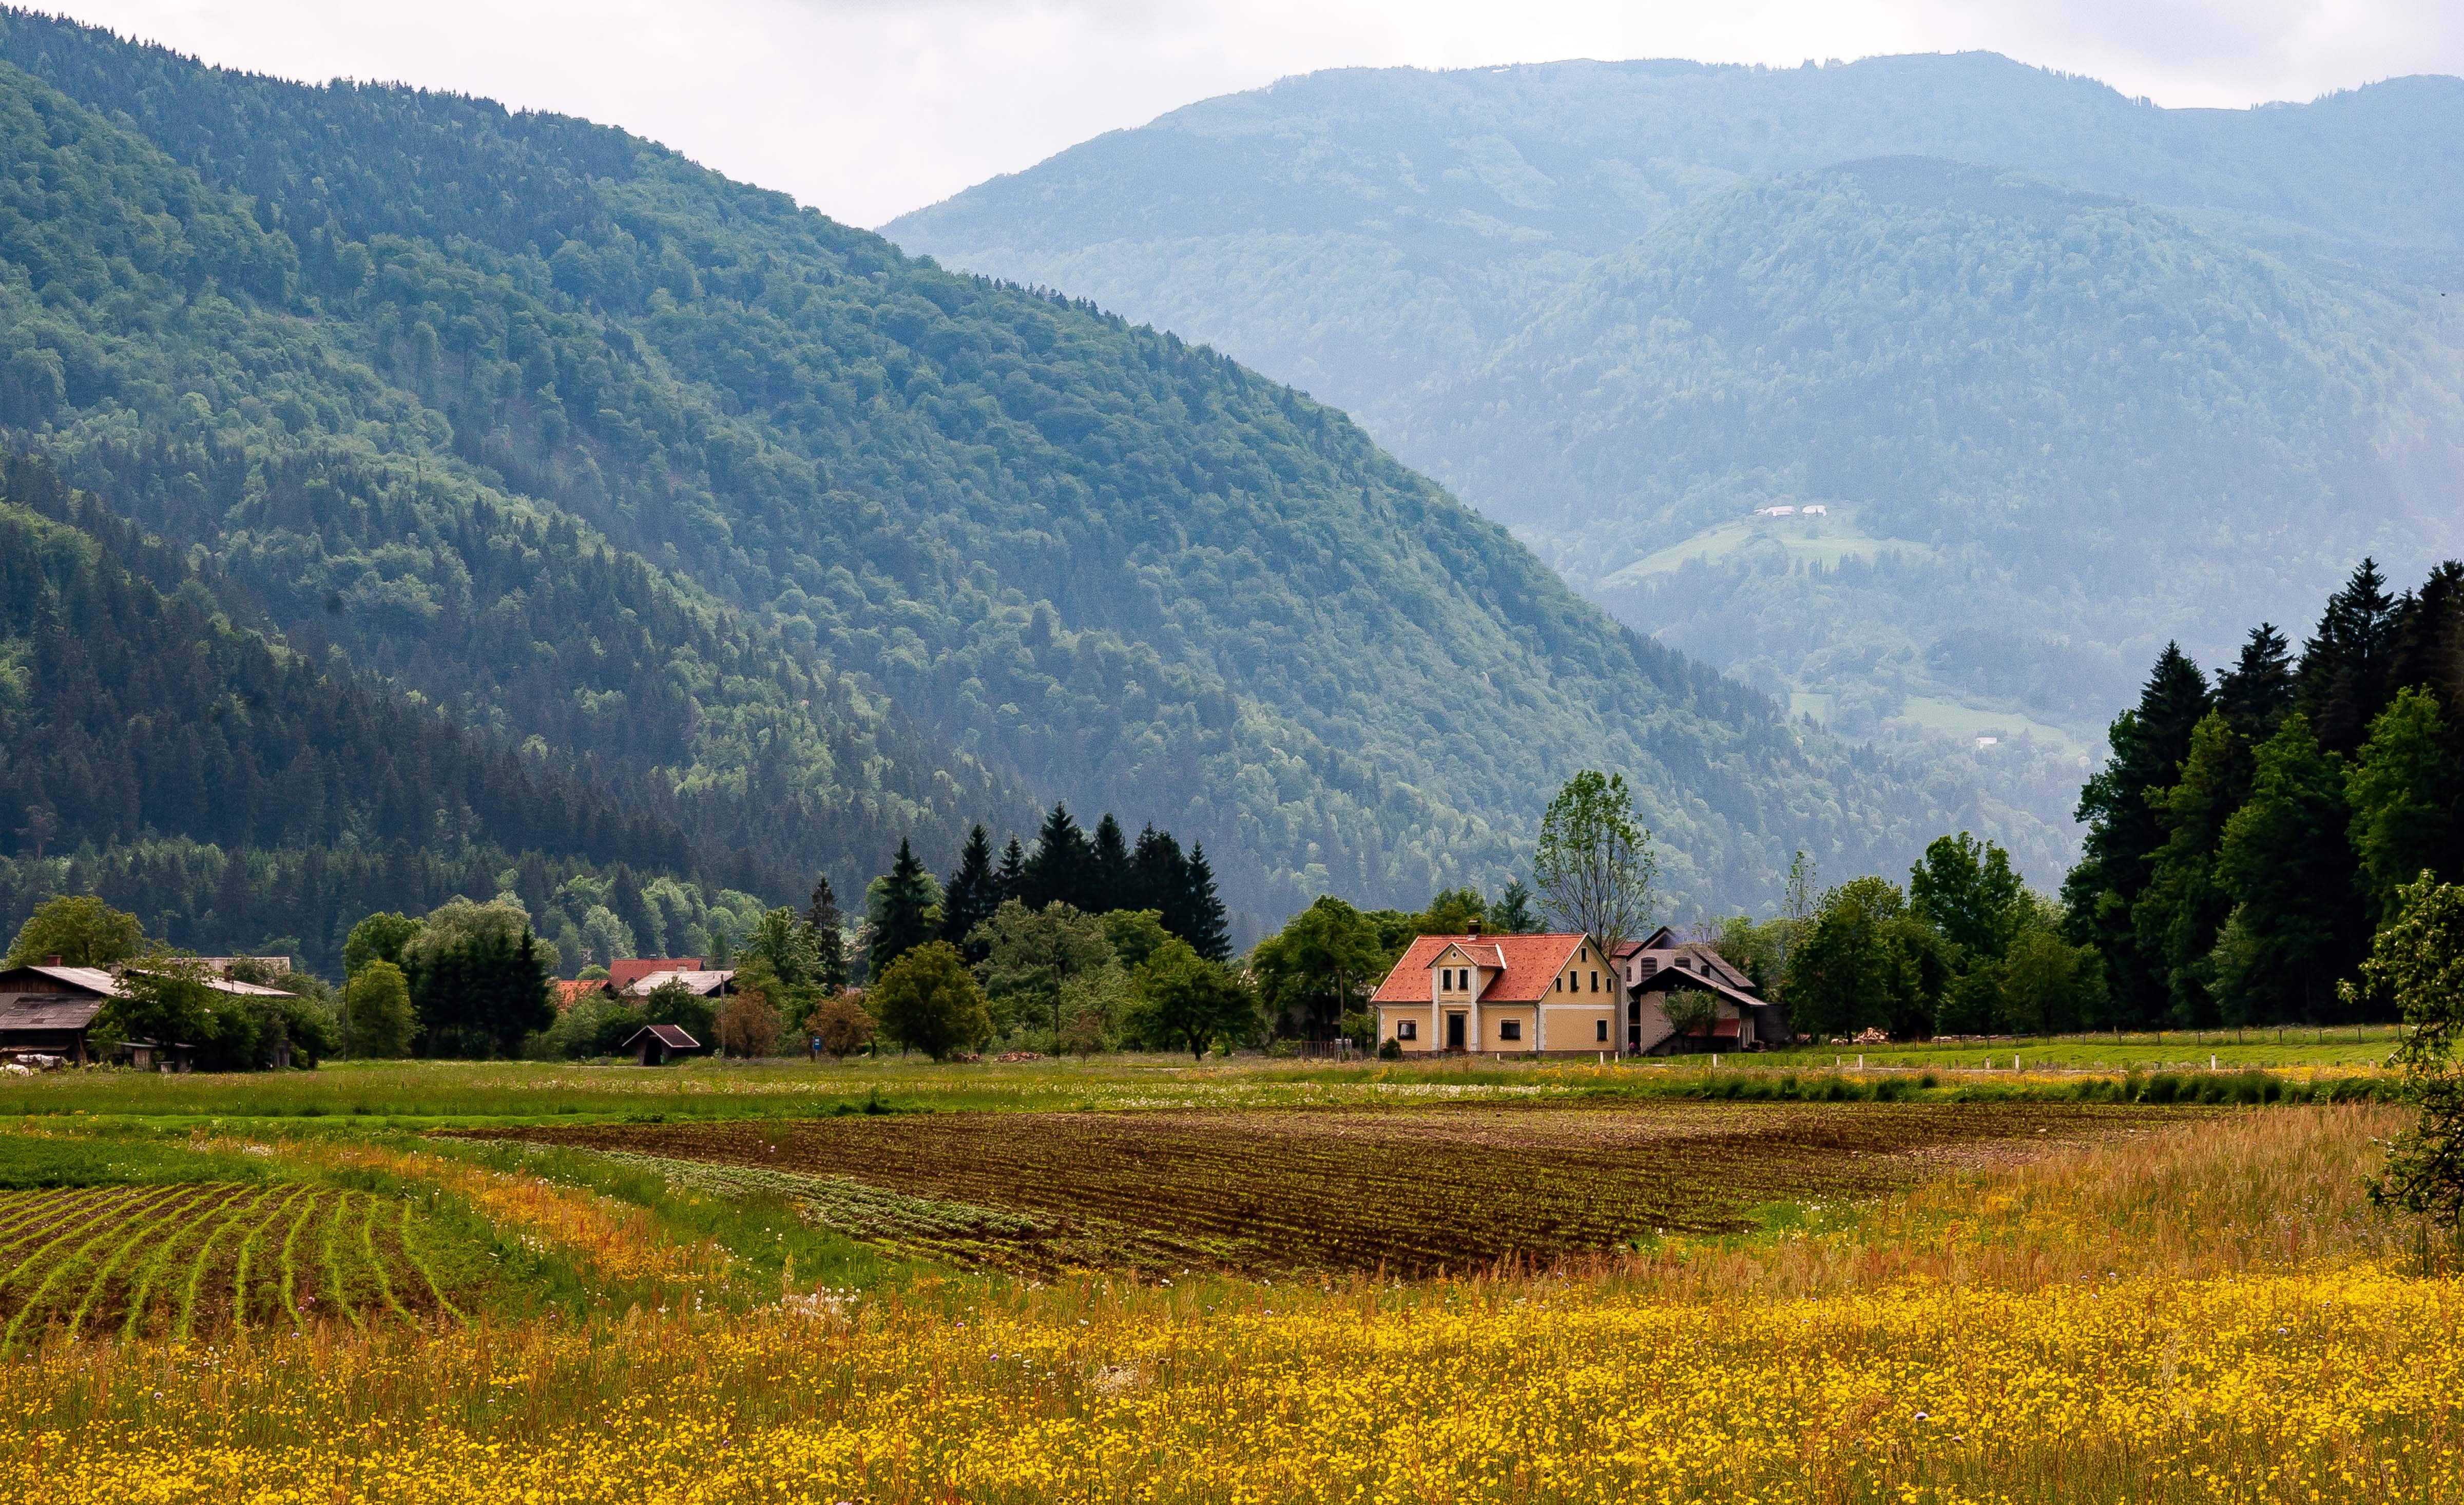 Slovenia, Nazarje Prov, Pastoral Scene, 2006, IMG 8261